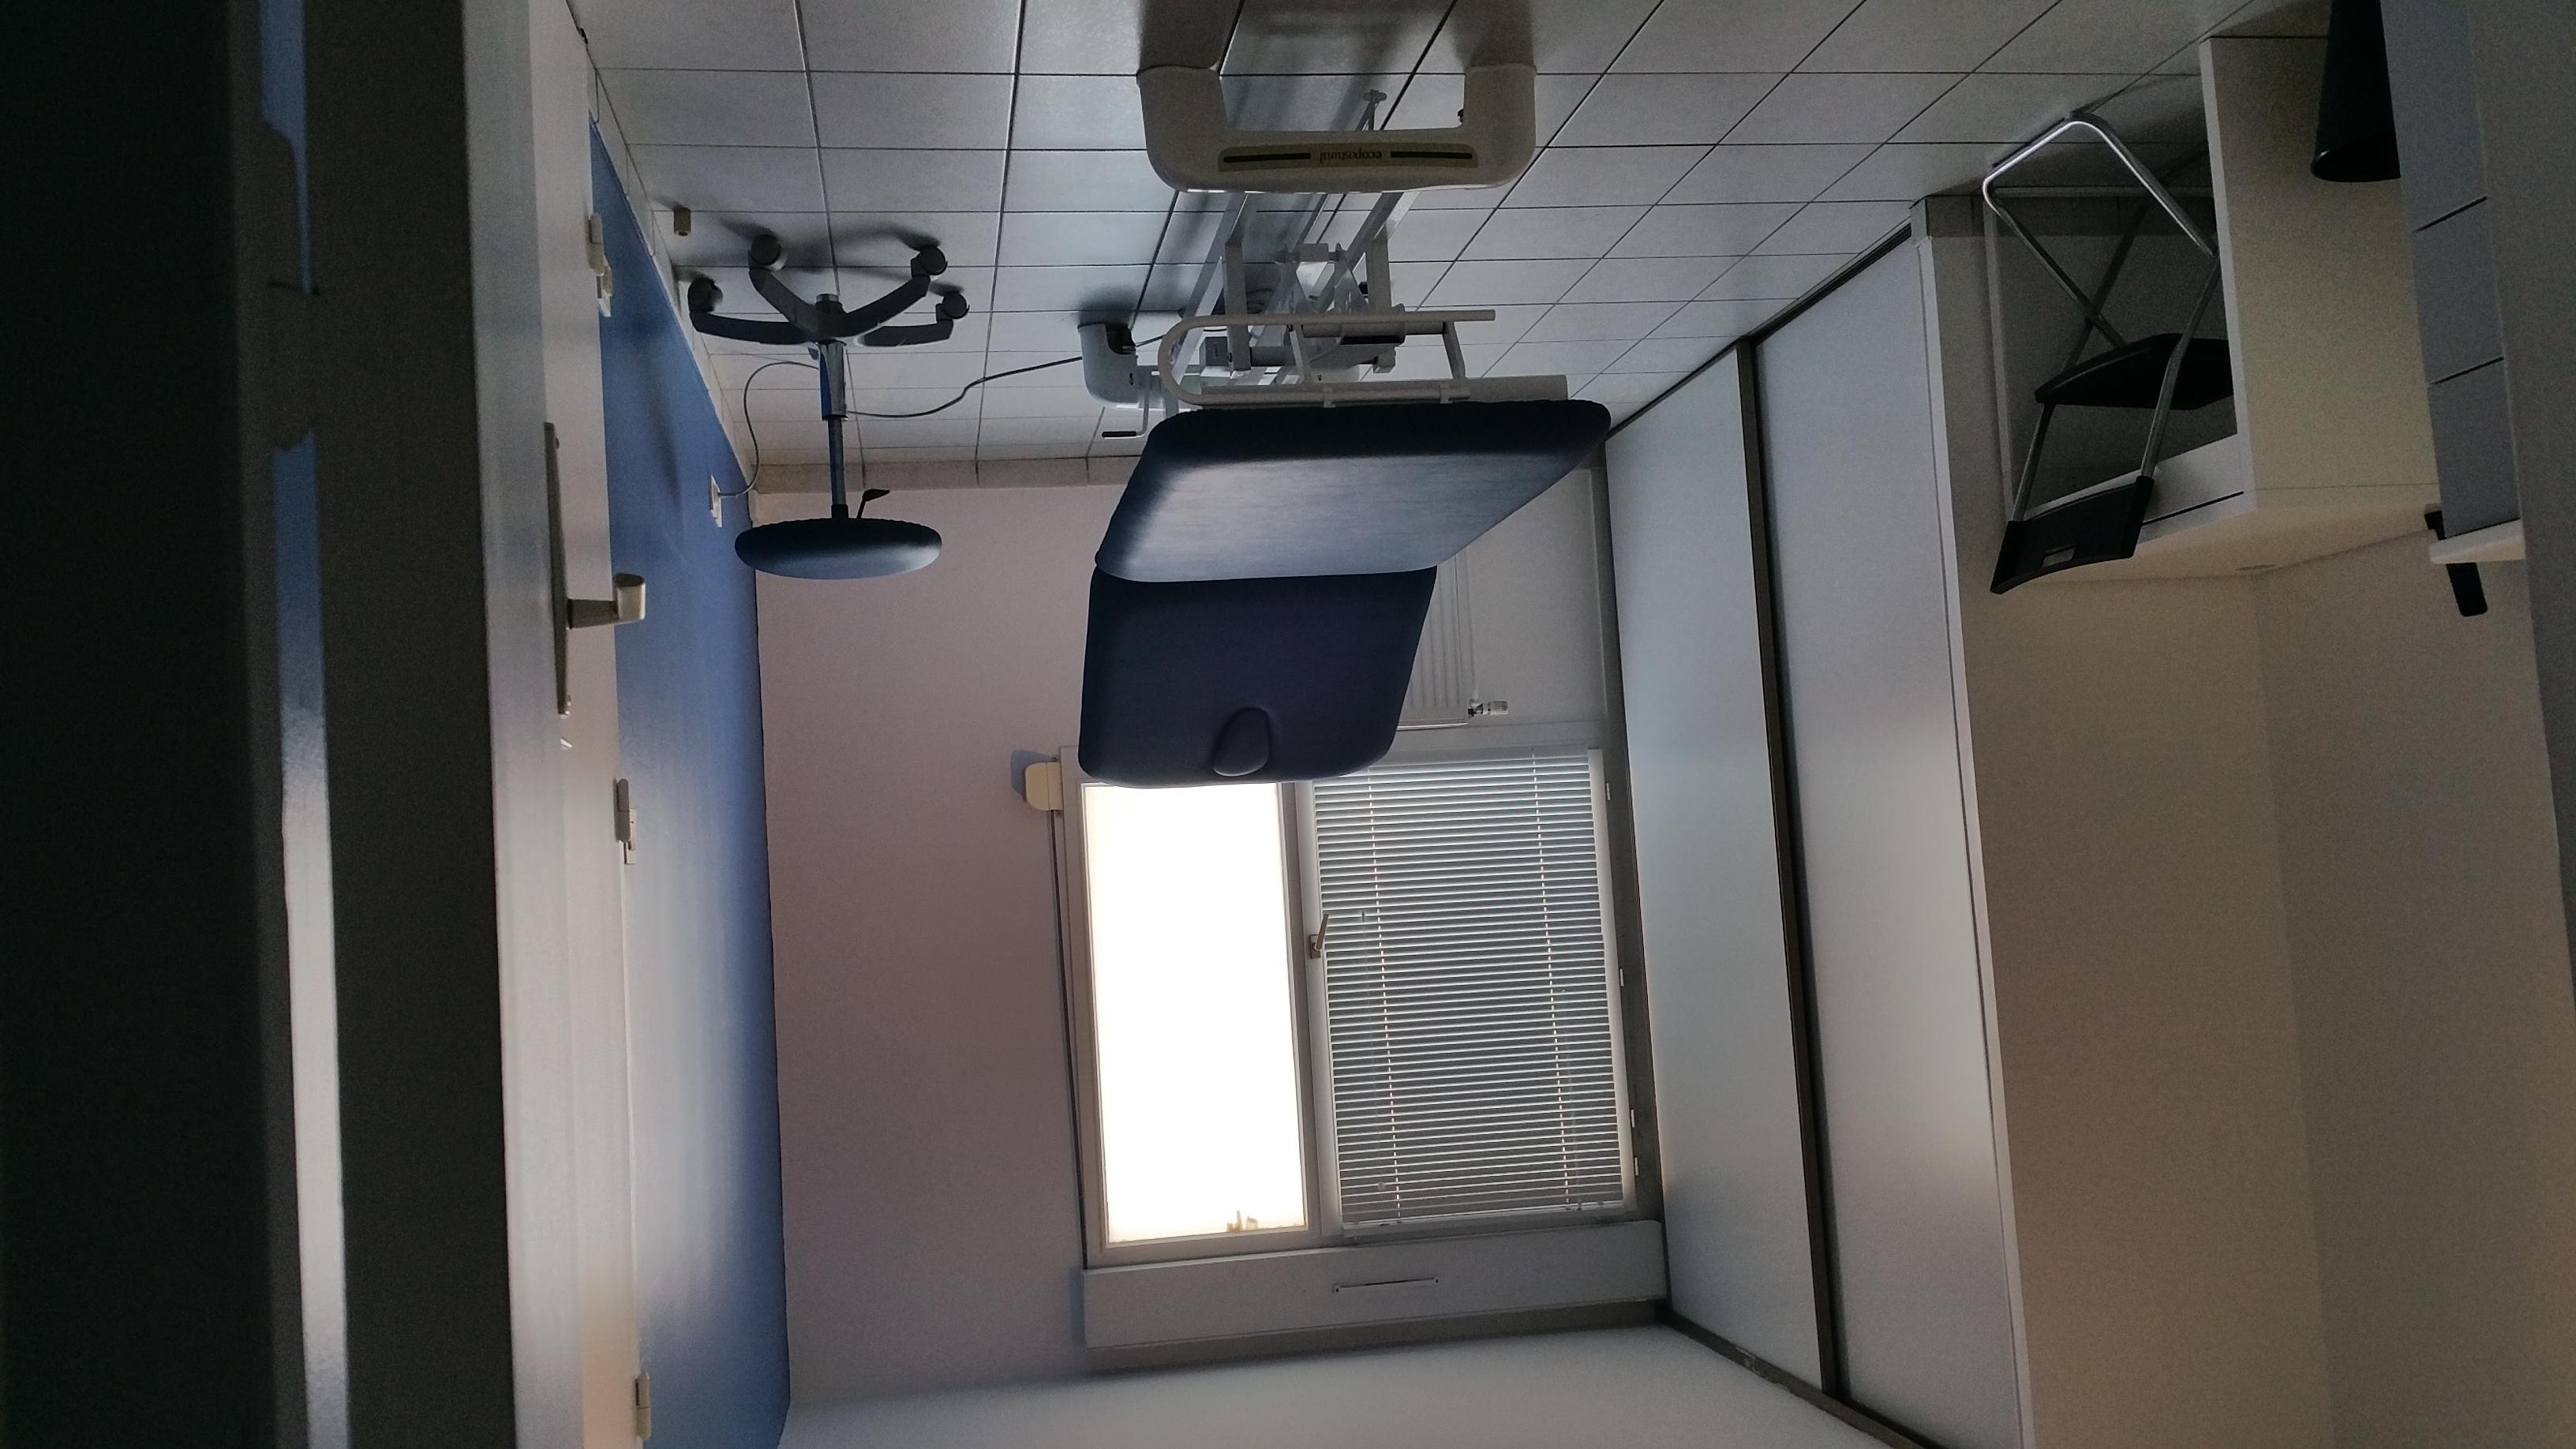 Sant m decine soins domicile il y a 55 199 r sultats pour votre recherche infobel france - Cabinet infirmier nantes ...